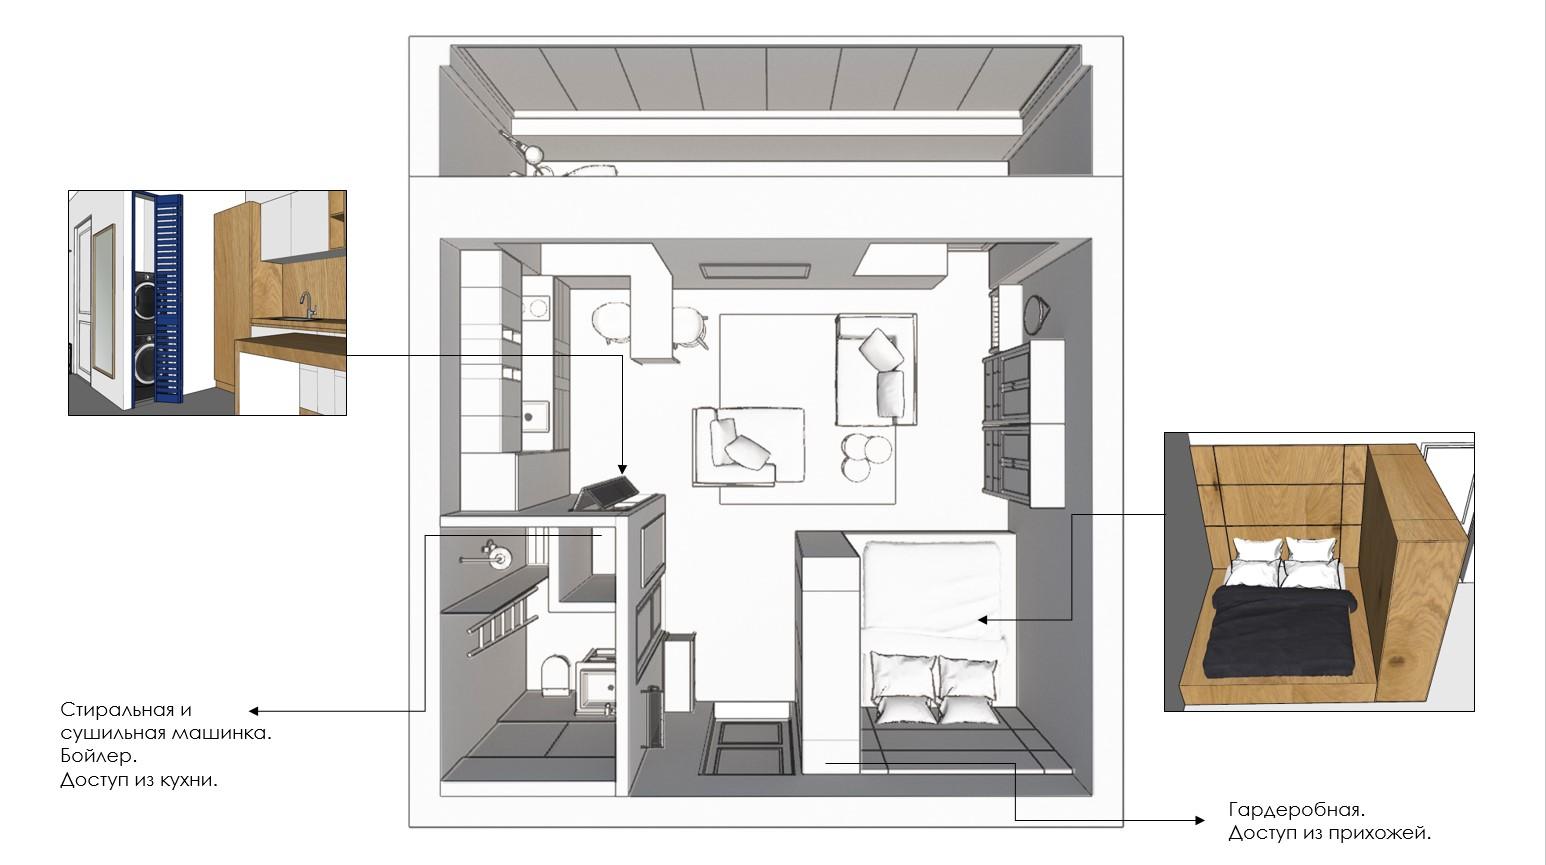 Планировка квартиры холостяка (40 м) фото f_4755d71ffcea7b8e.jpg